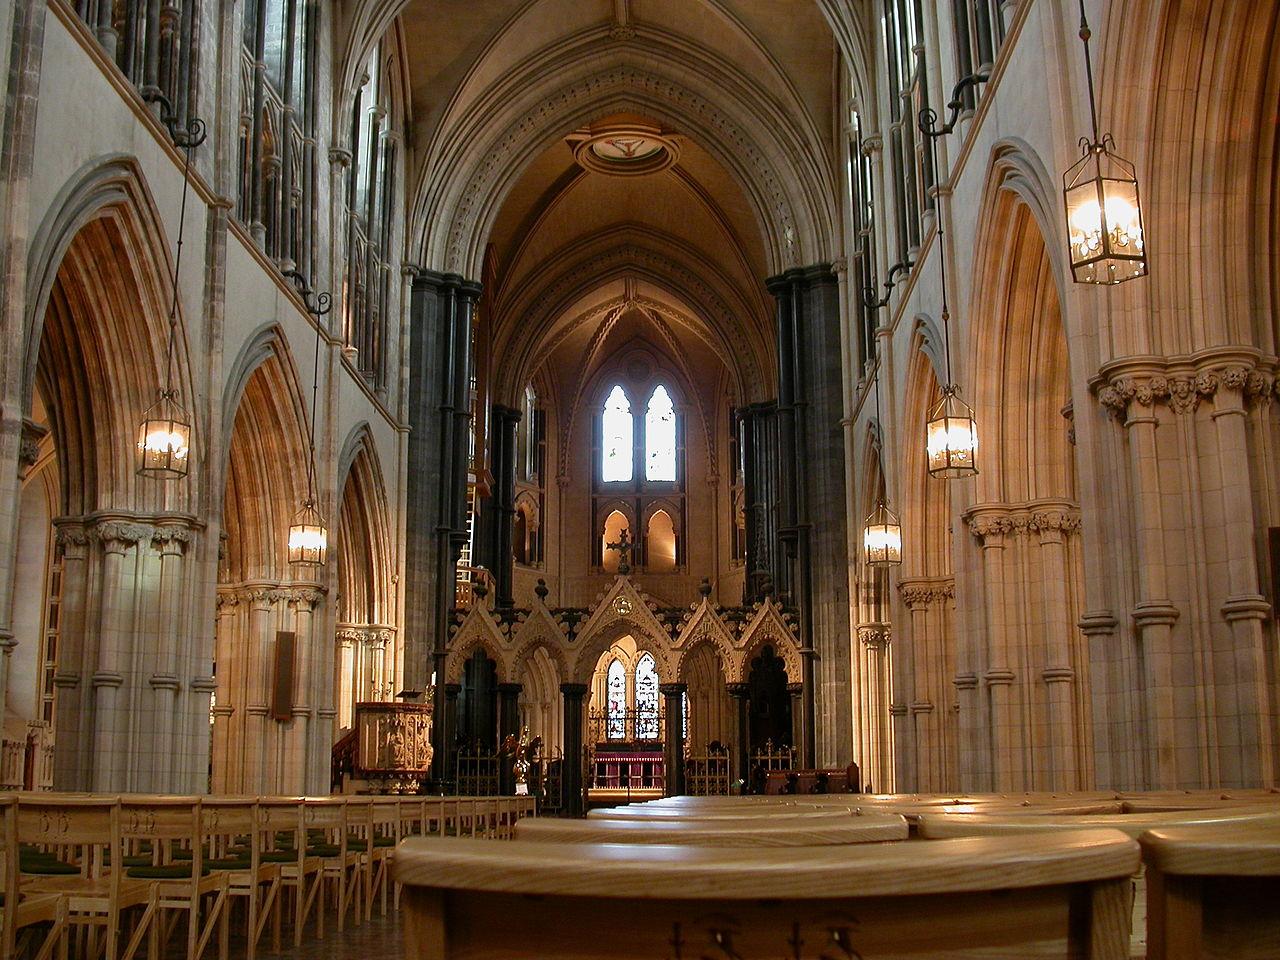 Церковь Крайст-чёрч (собор Церкви Христовой), интерьер